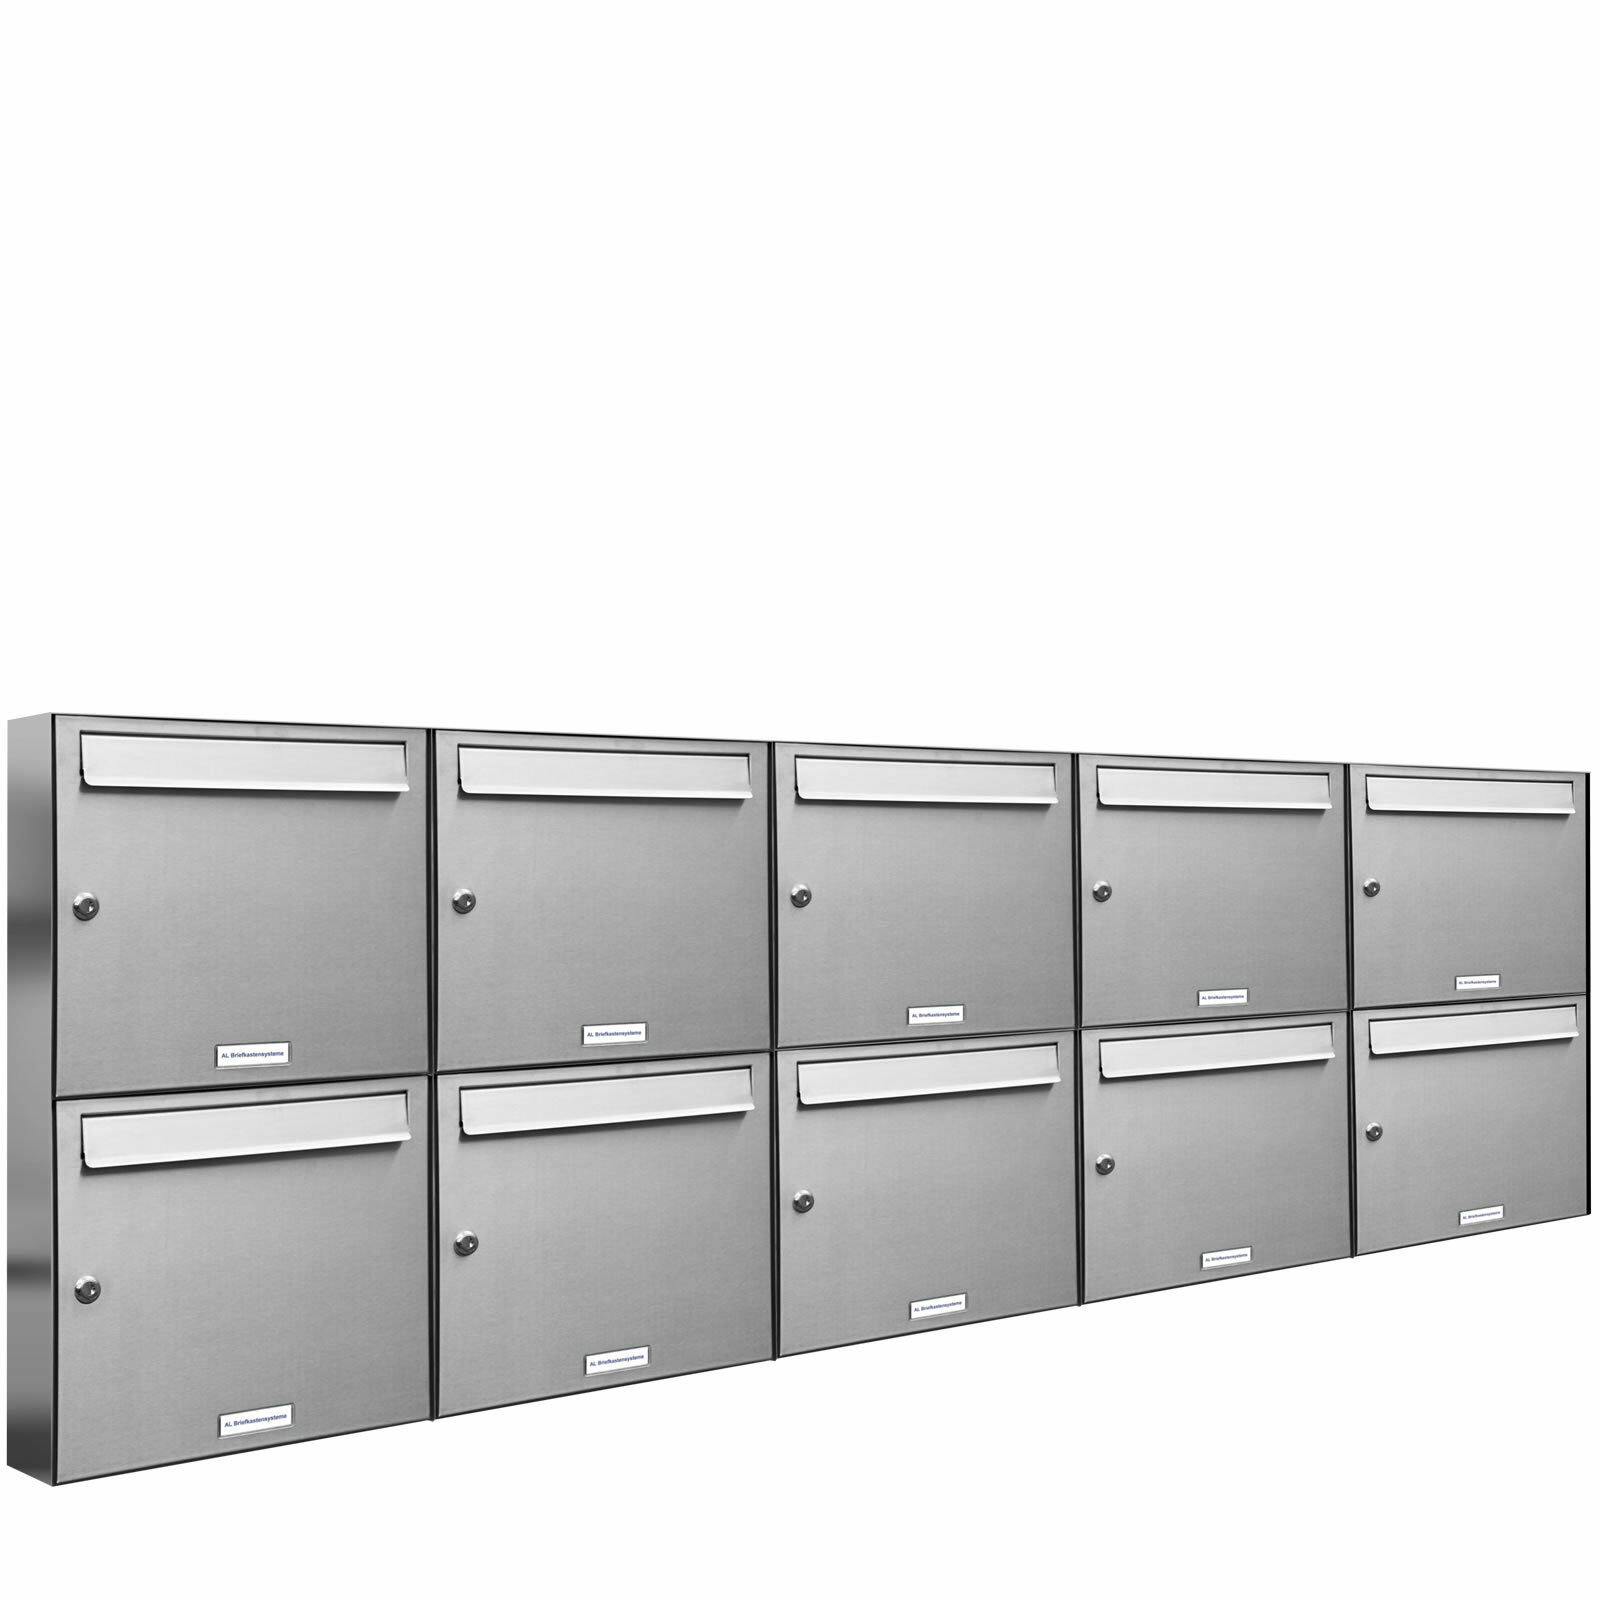 10 er Premium Edelstahl Wand Briefkasten Anlage A4 Postkasten Fach Anordng. 5x2